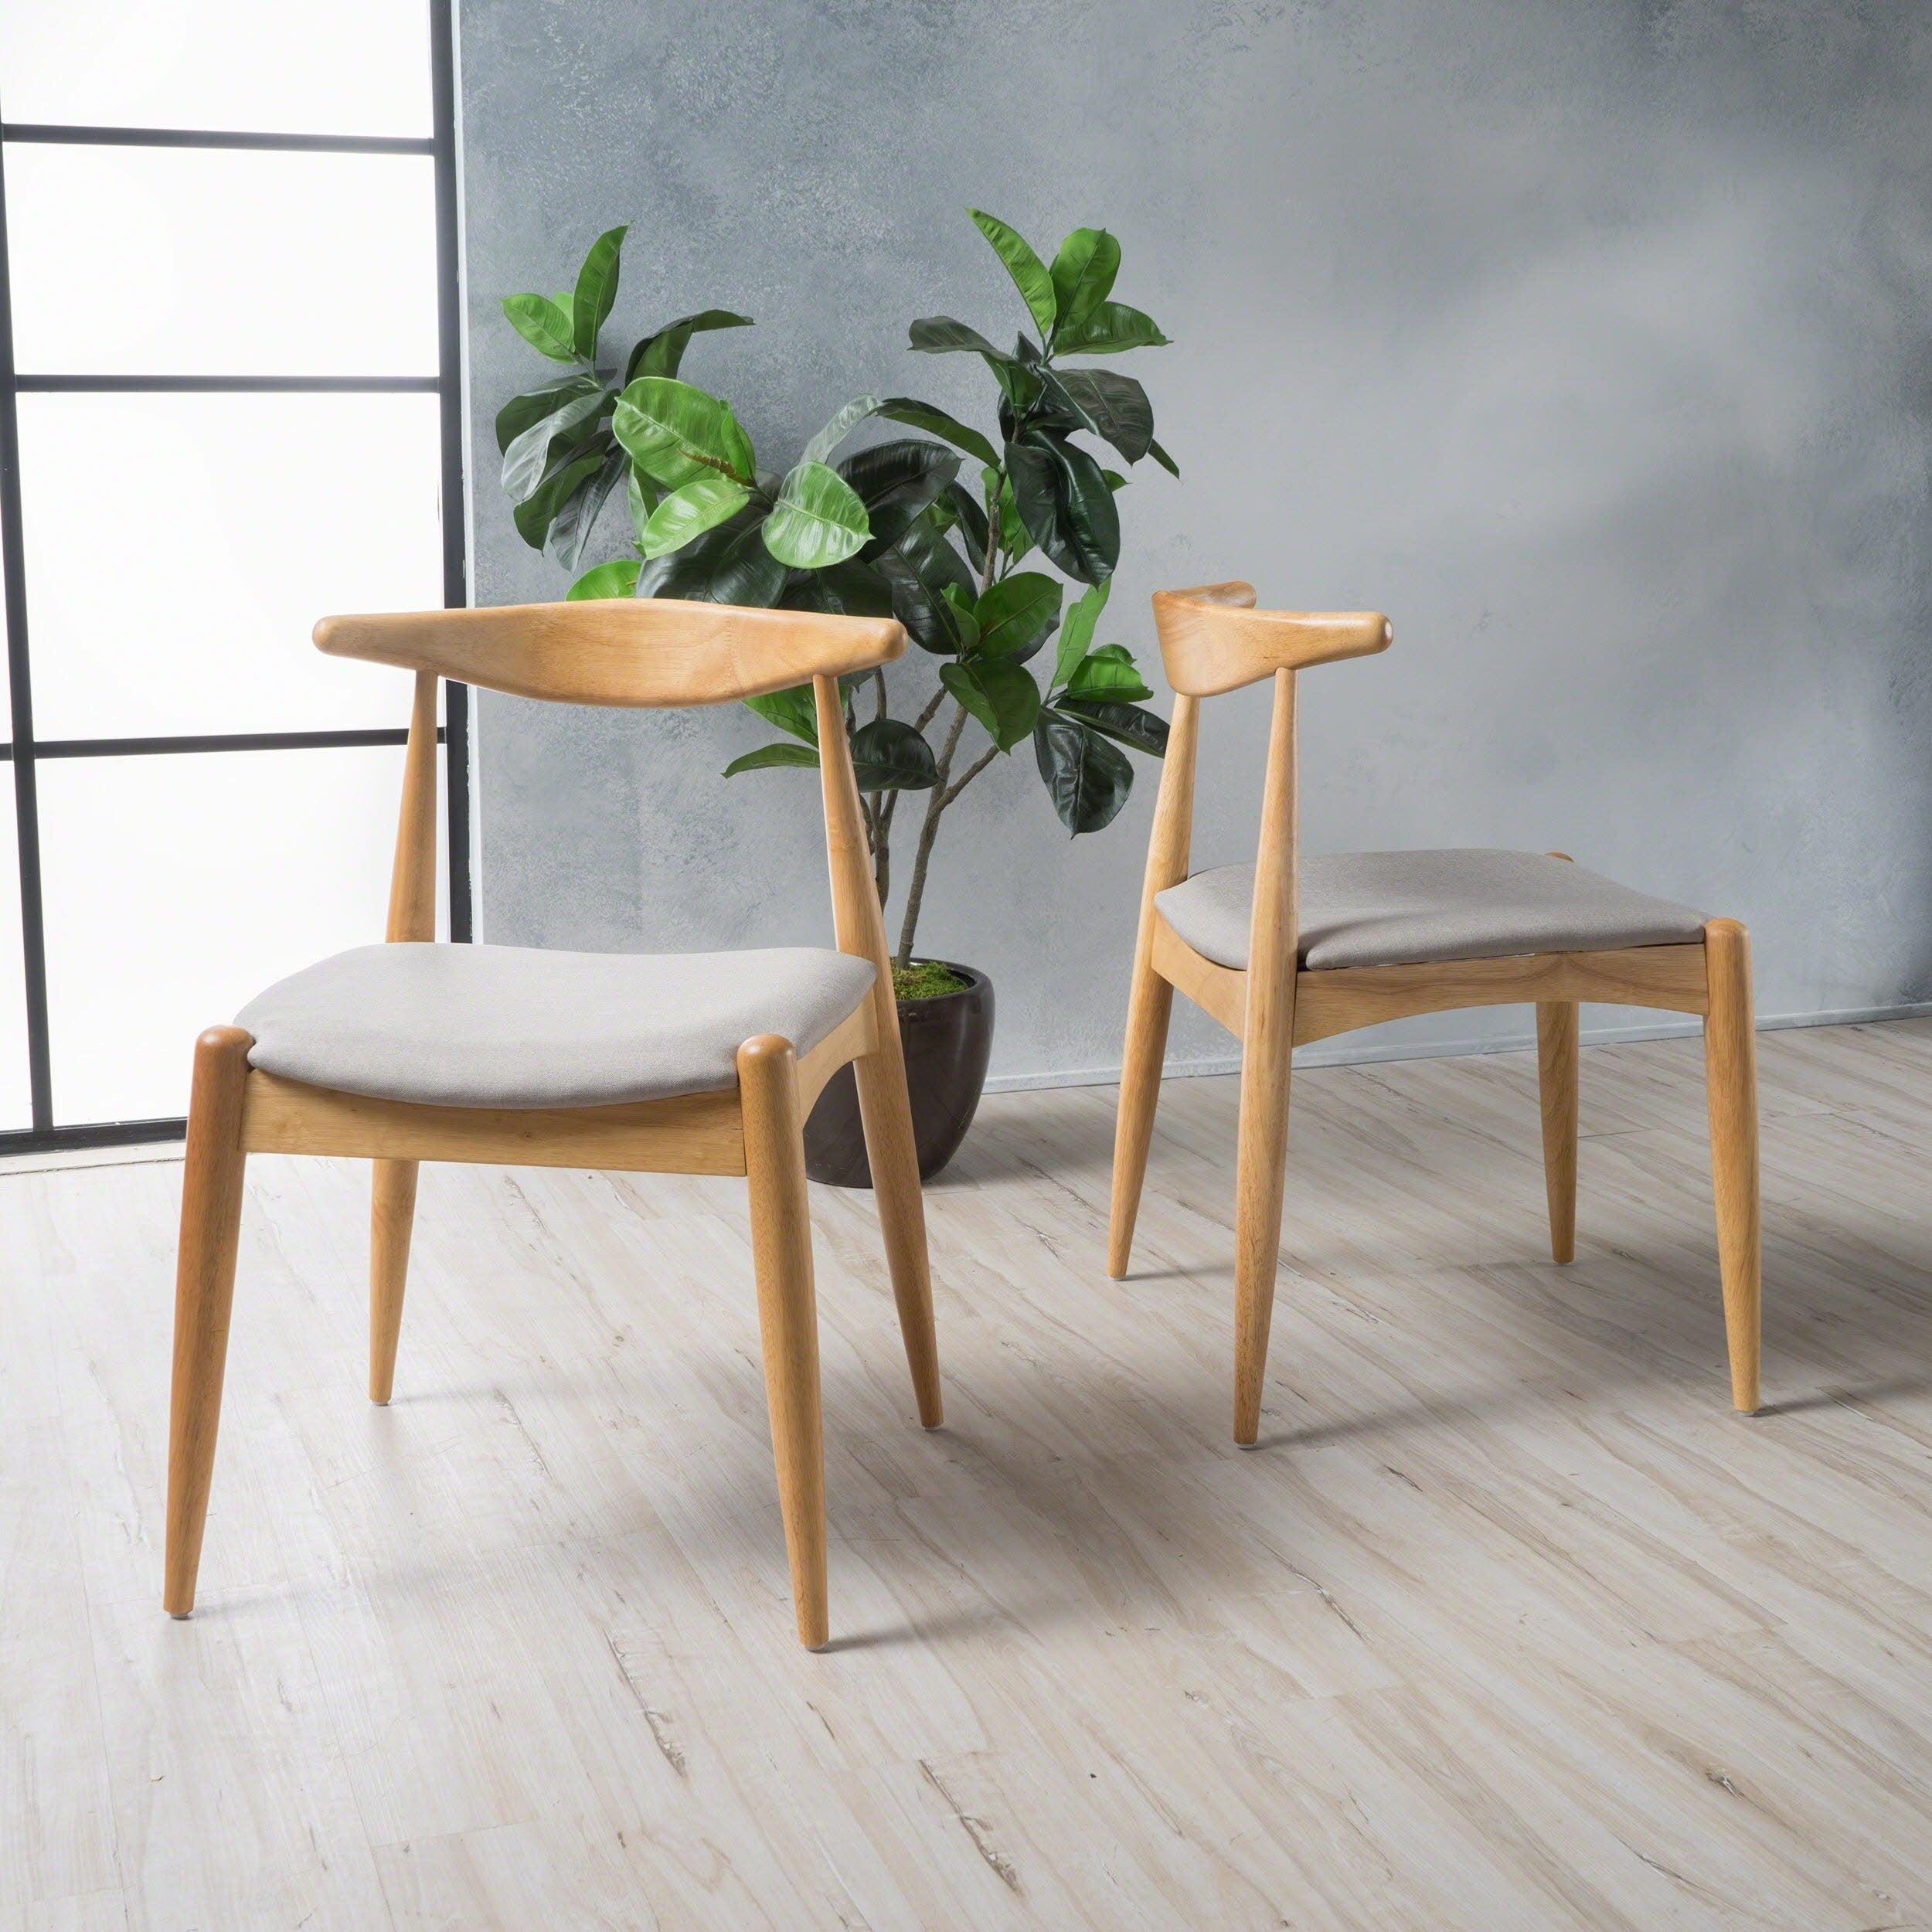 Phòng bếp đẹp rạng ngời nhờ 6 mẫu thiết kế ghế nổi bật được các chuyên gia nước ngoài bình chọn, soi giá bán tại Việt Nam không quá đắt - Ảnh 2.